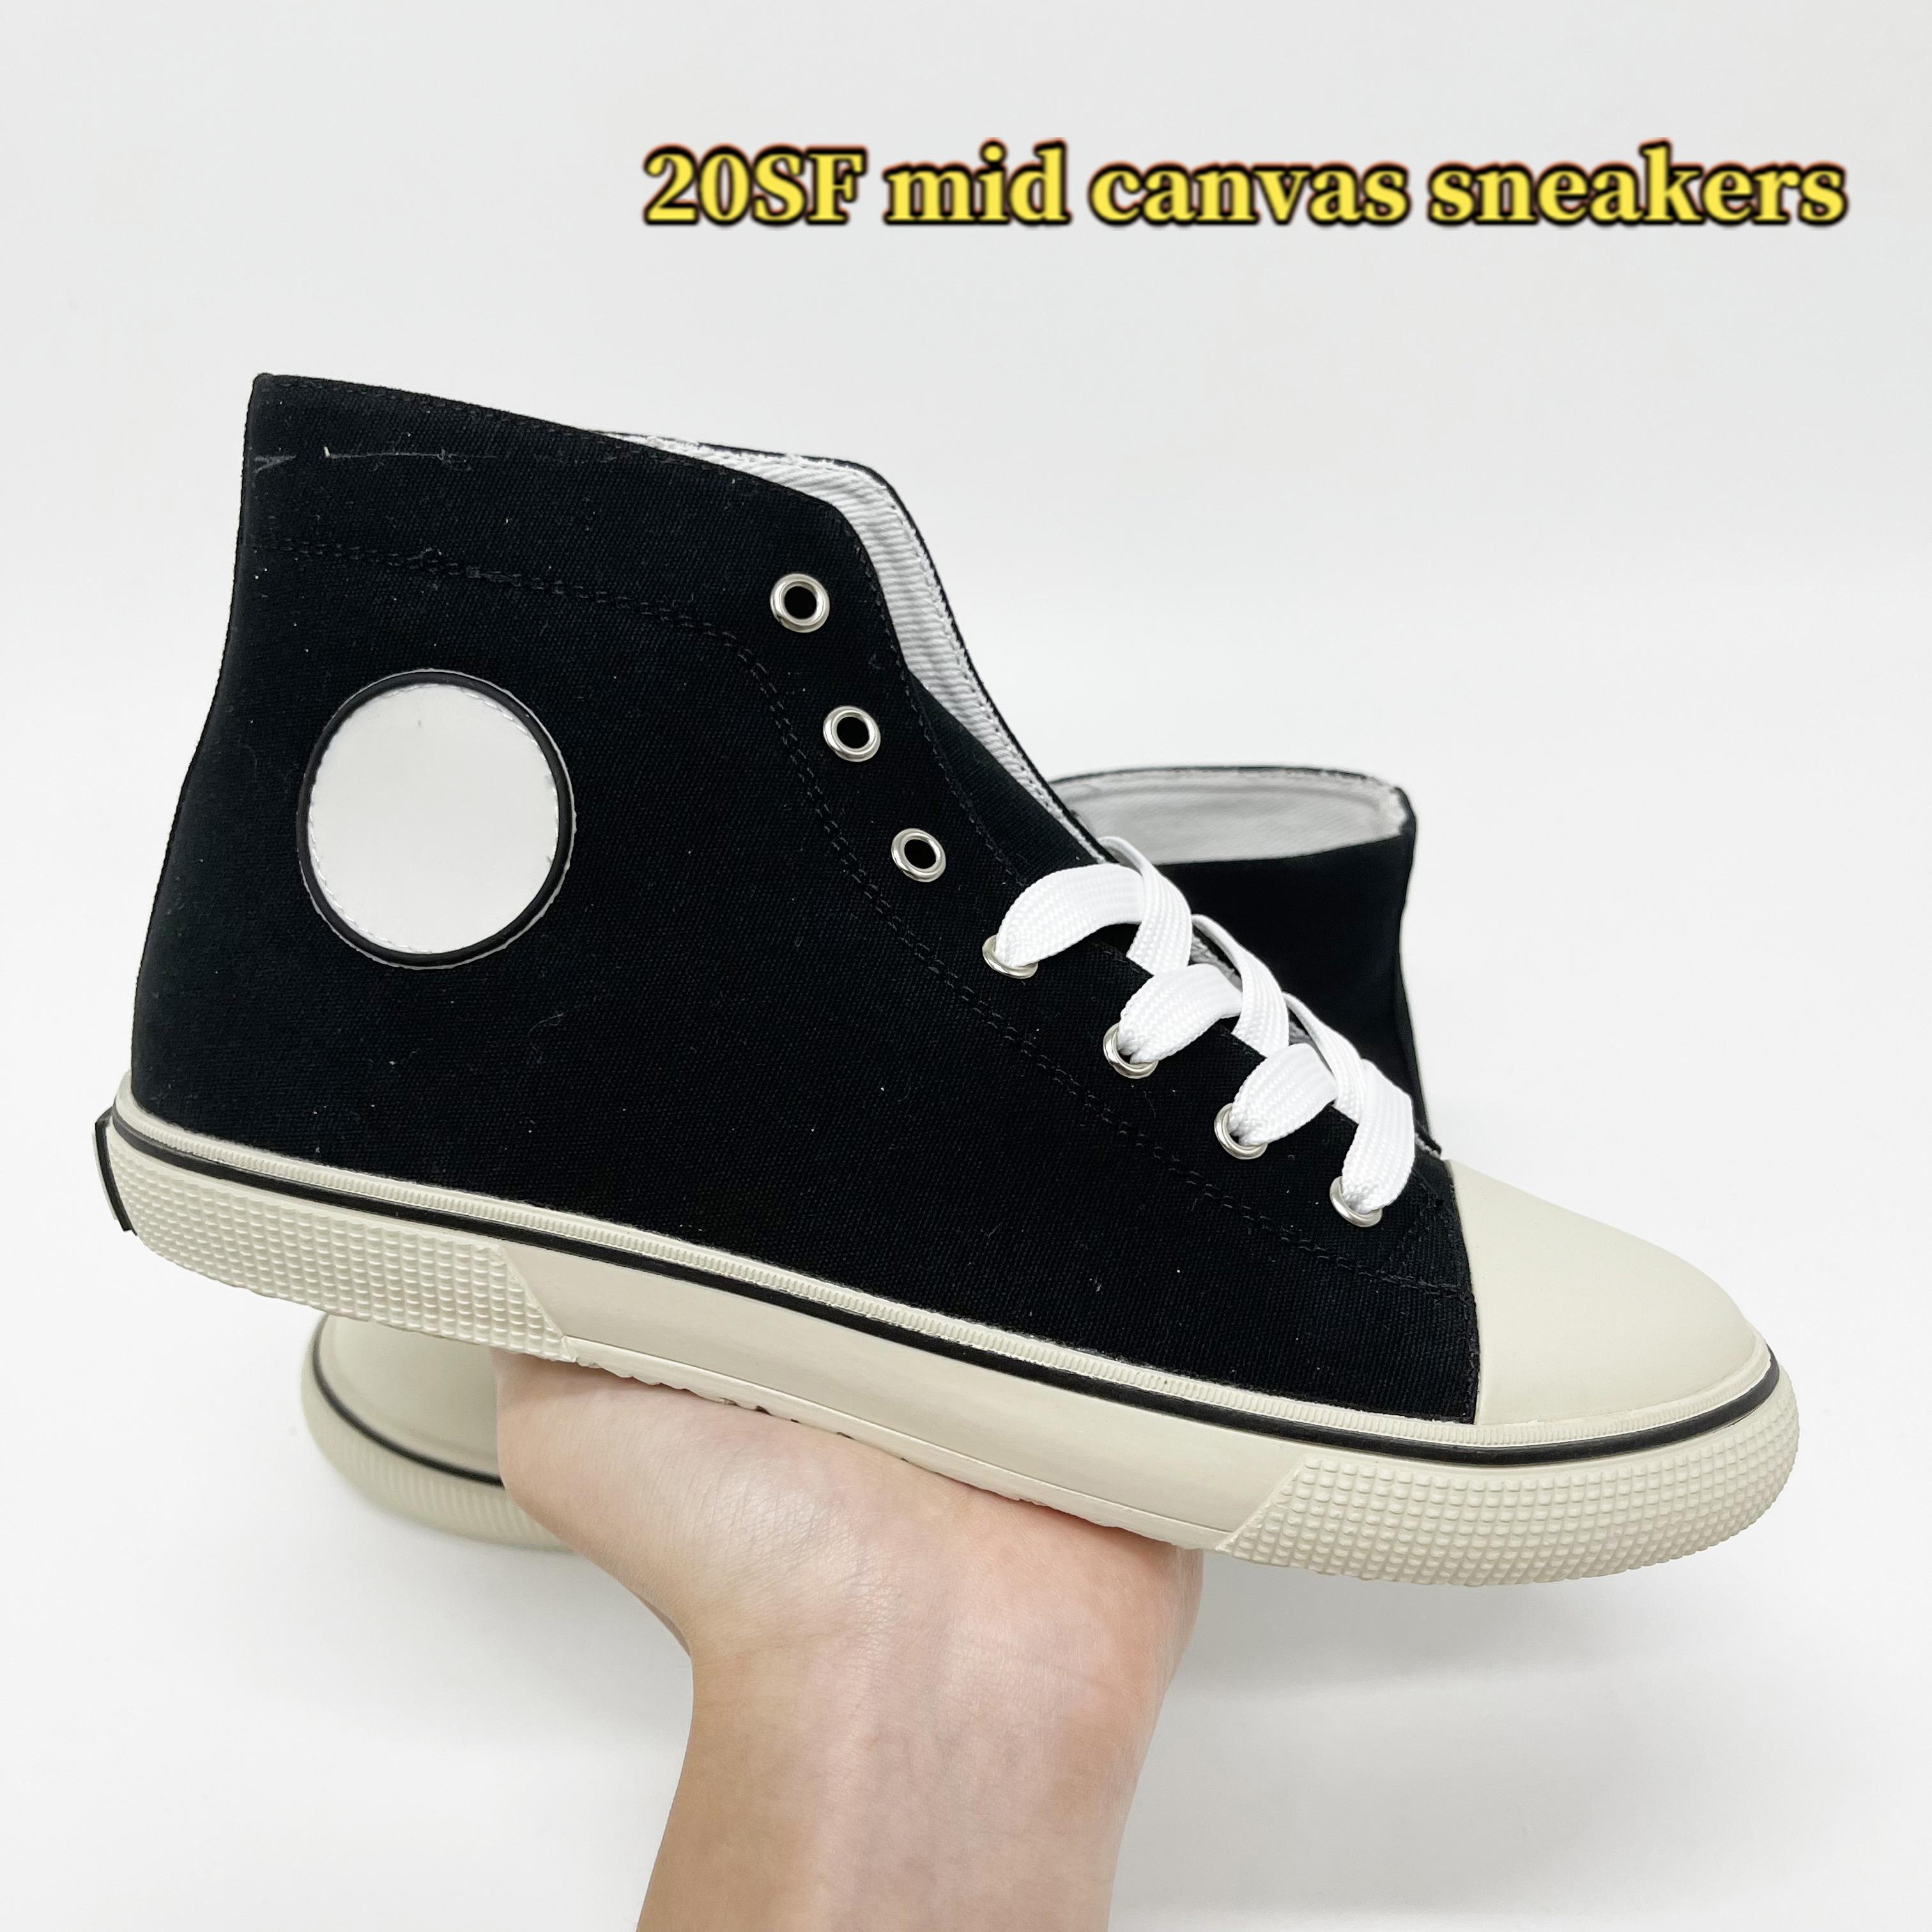 2021 TOP 20SF MID Toile Sneakers Femmes Chaussures de course Noir Blanc Blanc Jaune Formateurs Femmes Respirants Taille 35-40